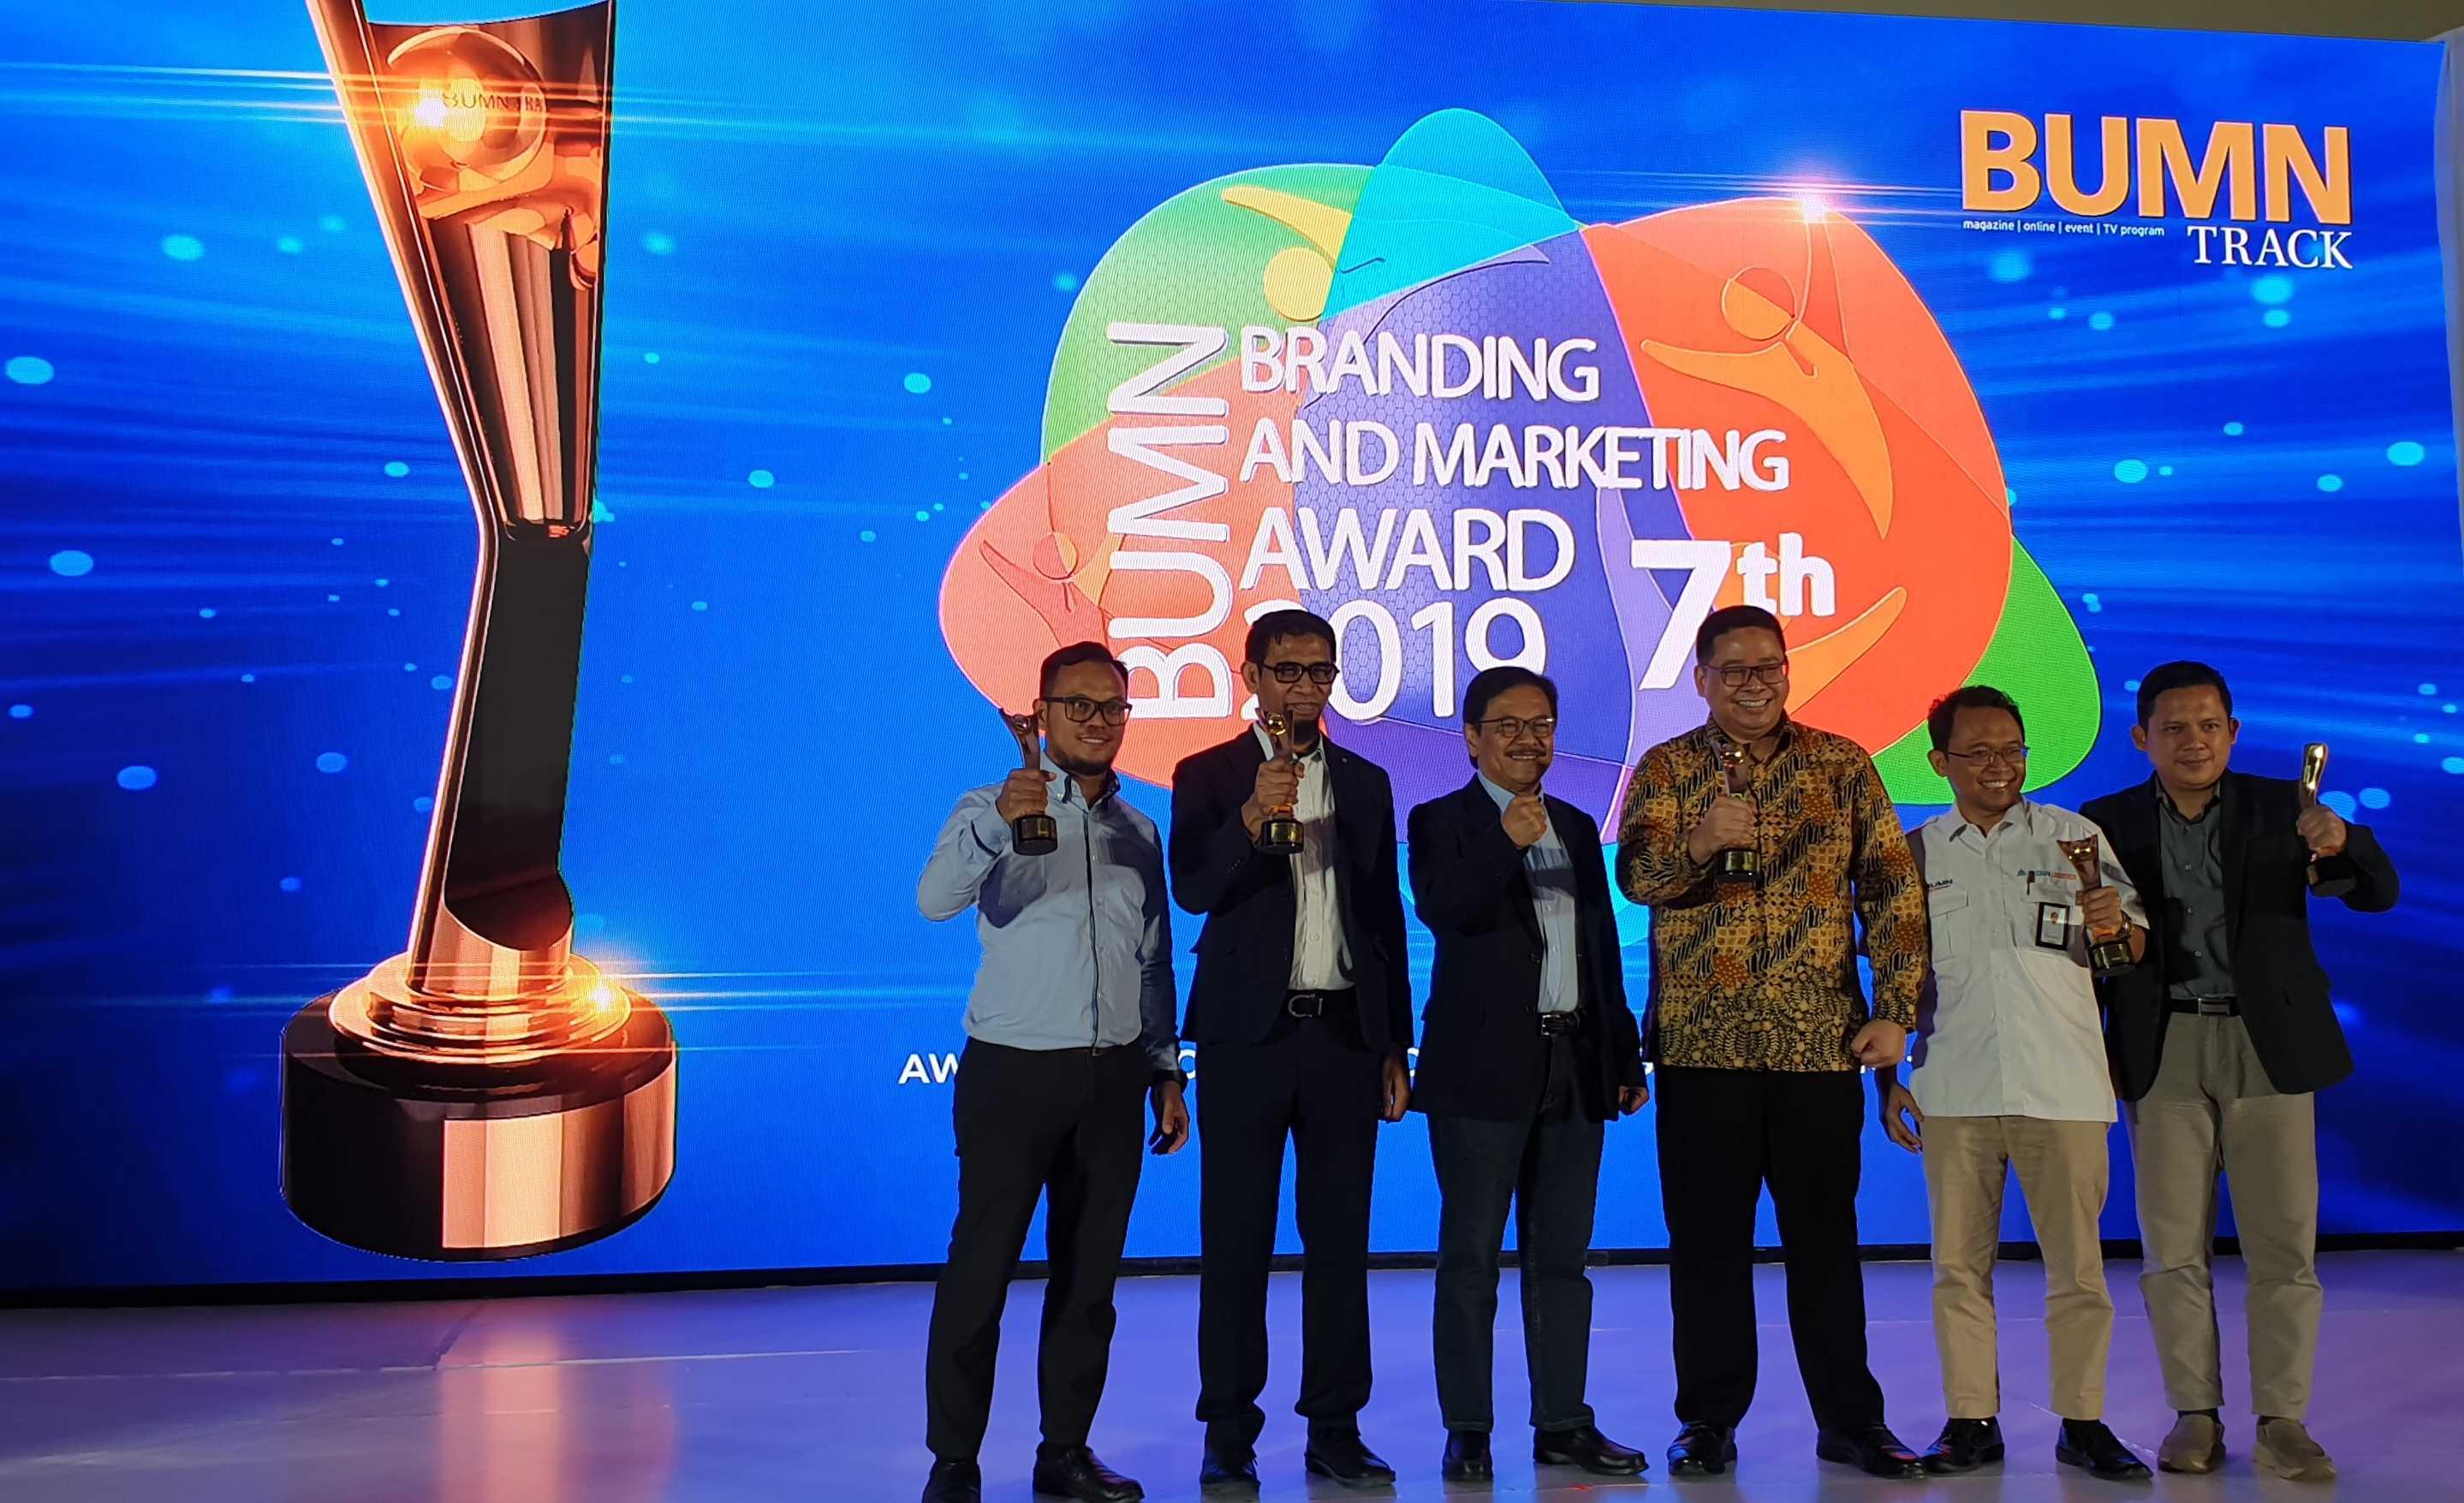 BUMN Branding & Marketing Award 2019 KIW